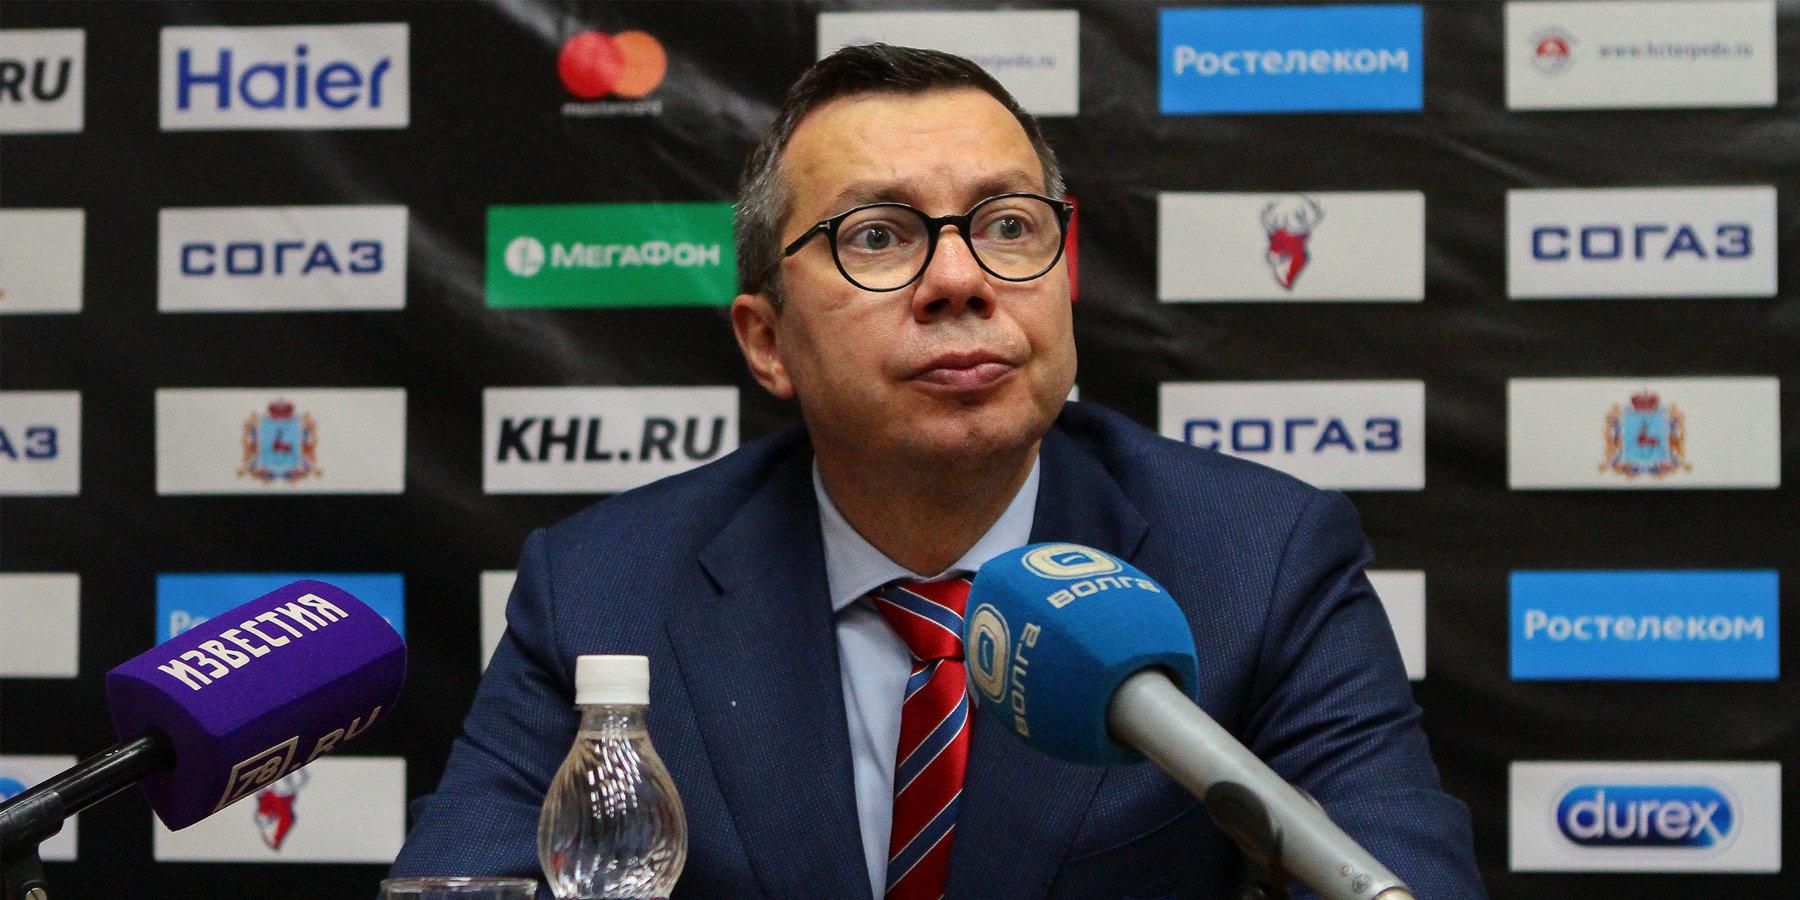 Илья Воробьев — о незасчитанном голе в матче с ЦСКА: «Раньше с таким не сталкивался»